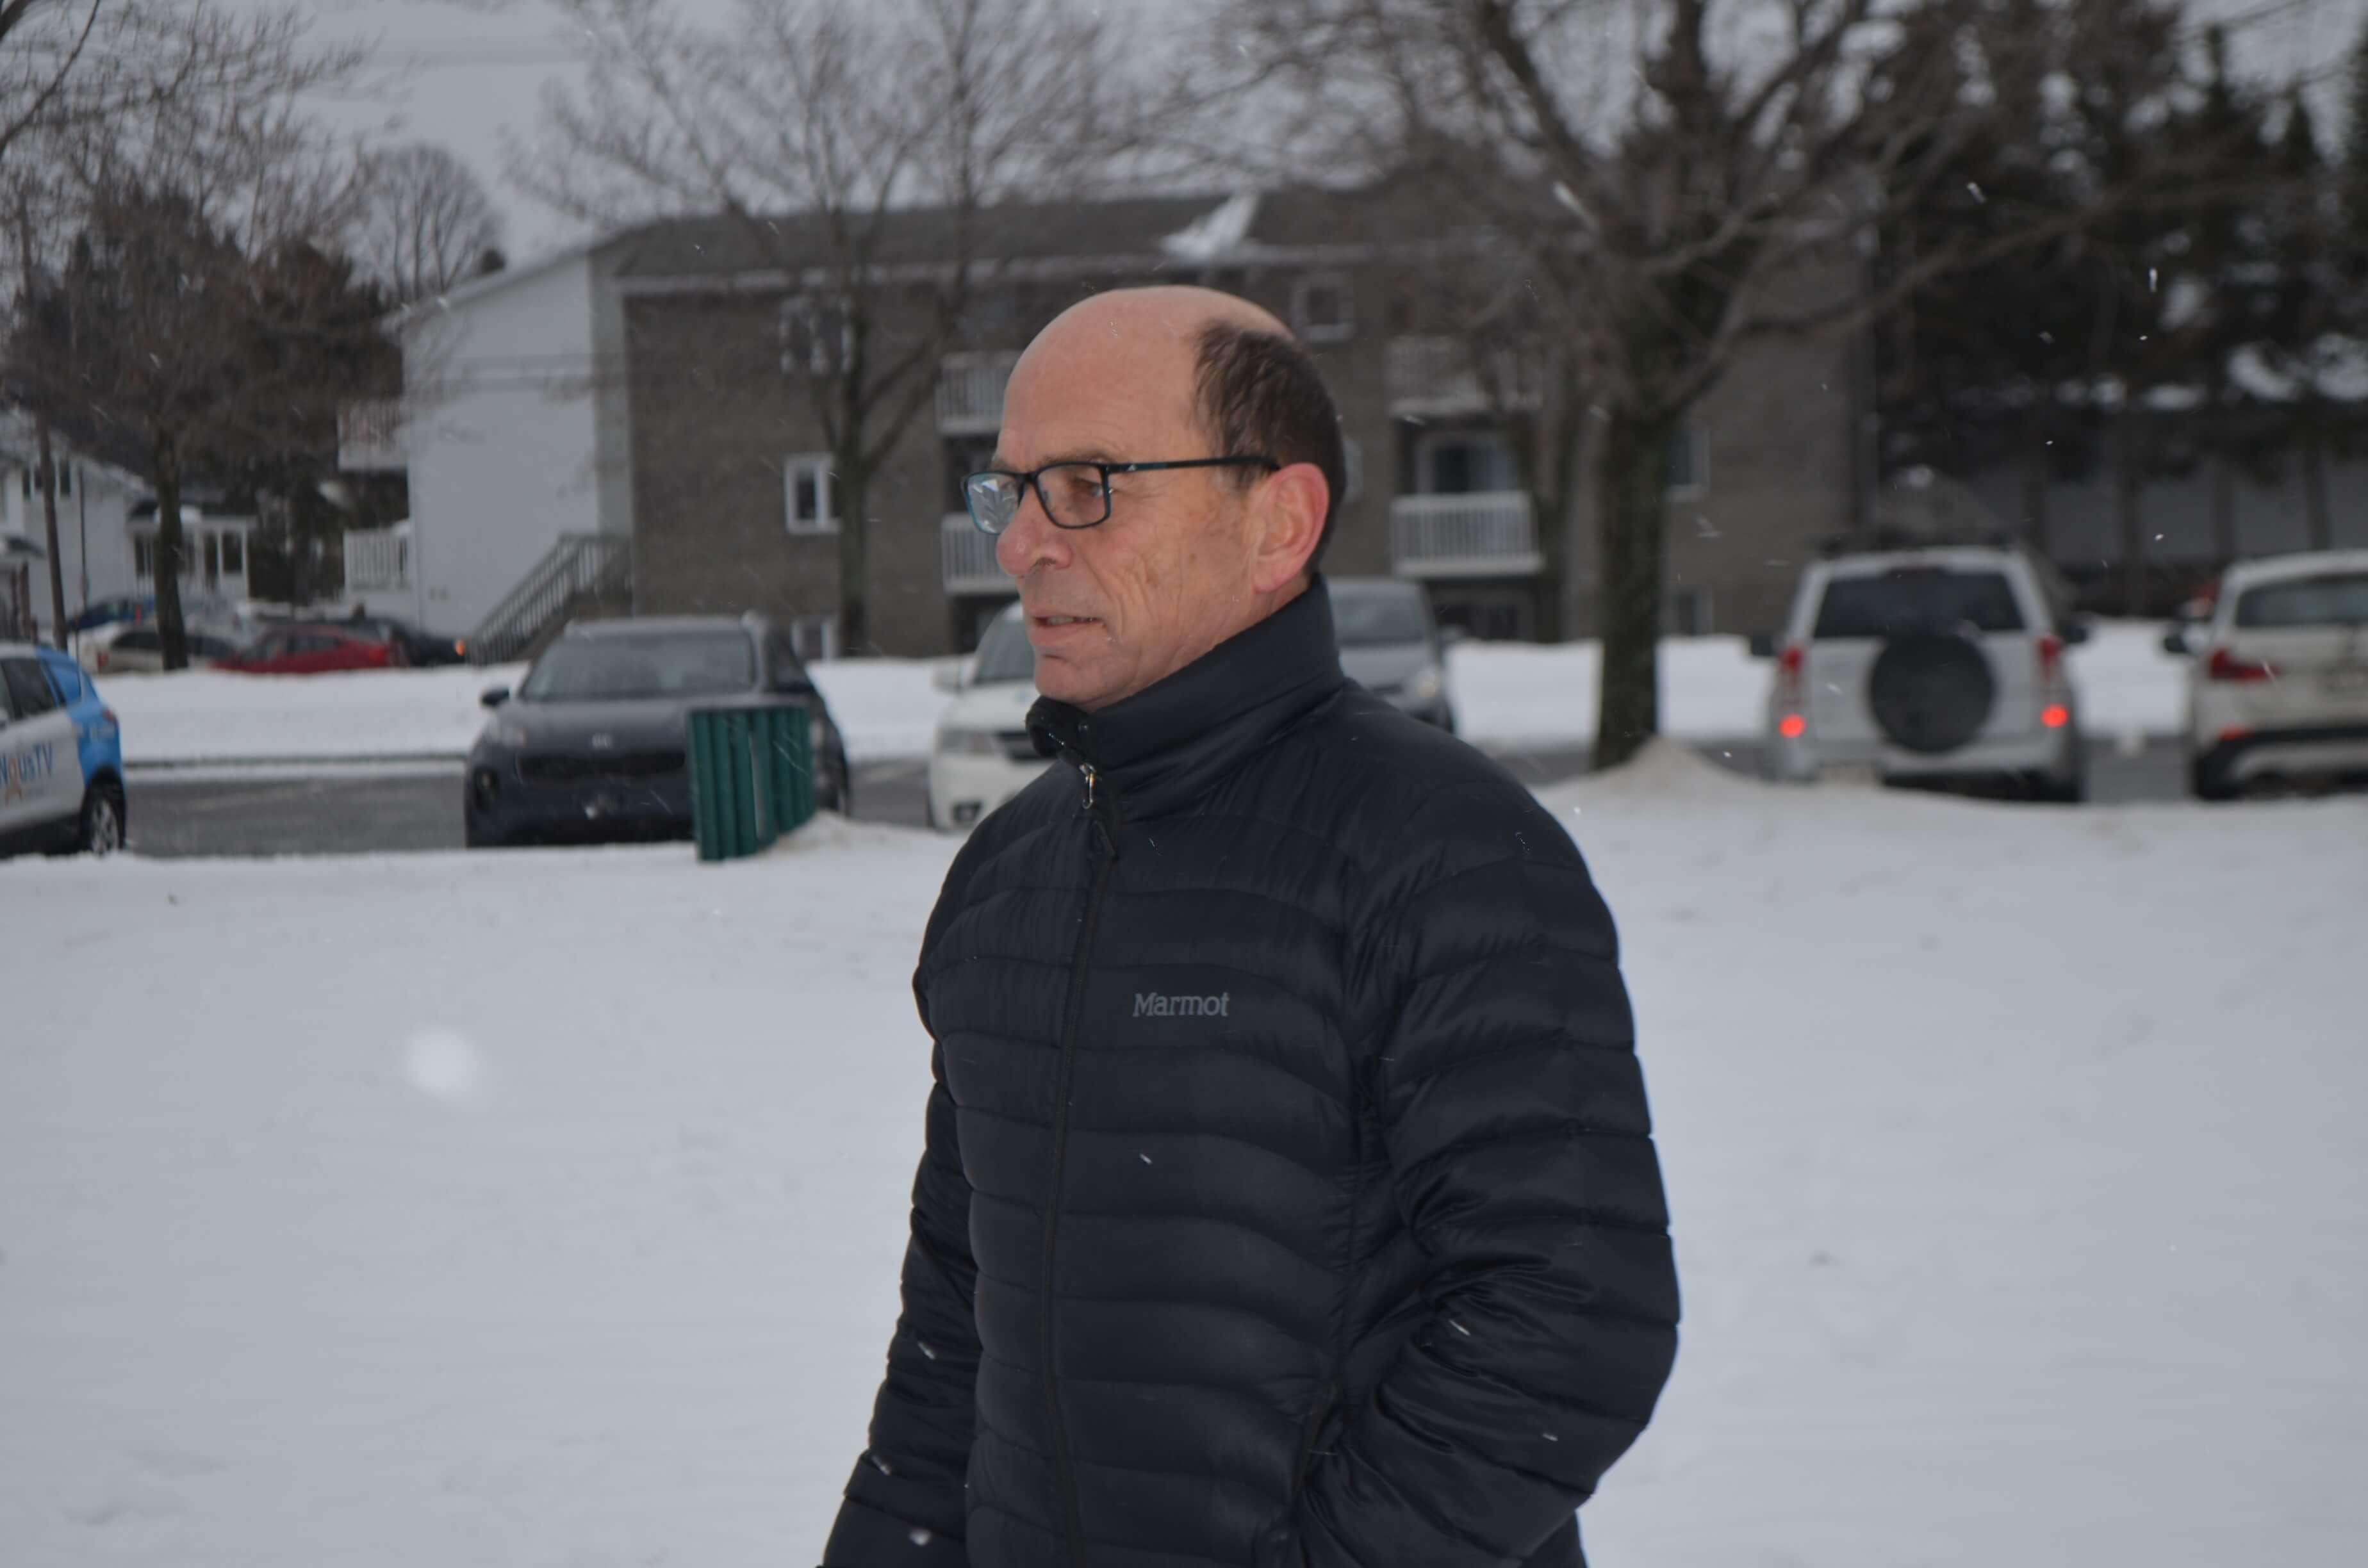 Bernard Poirier